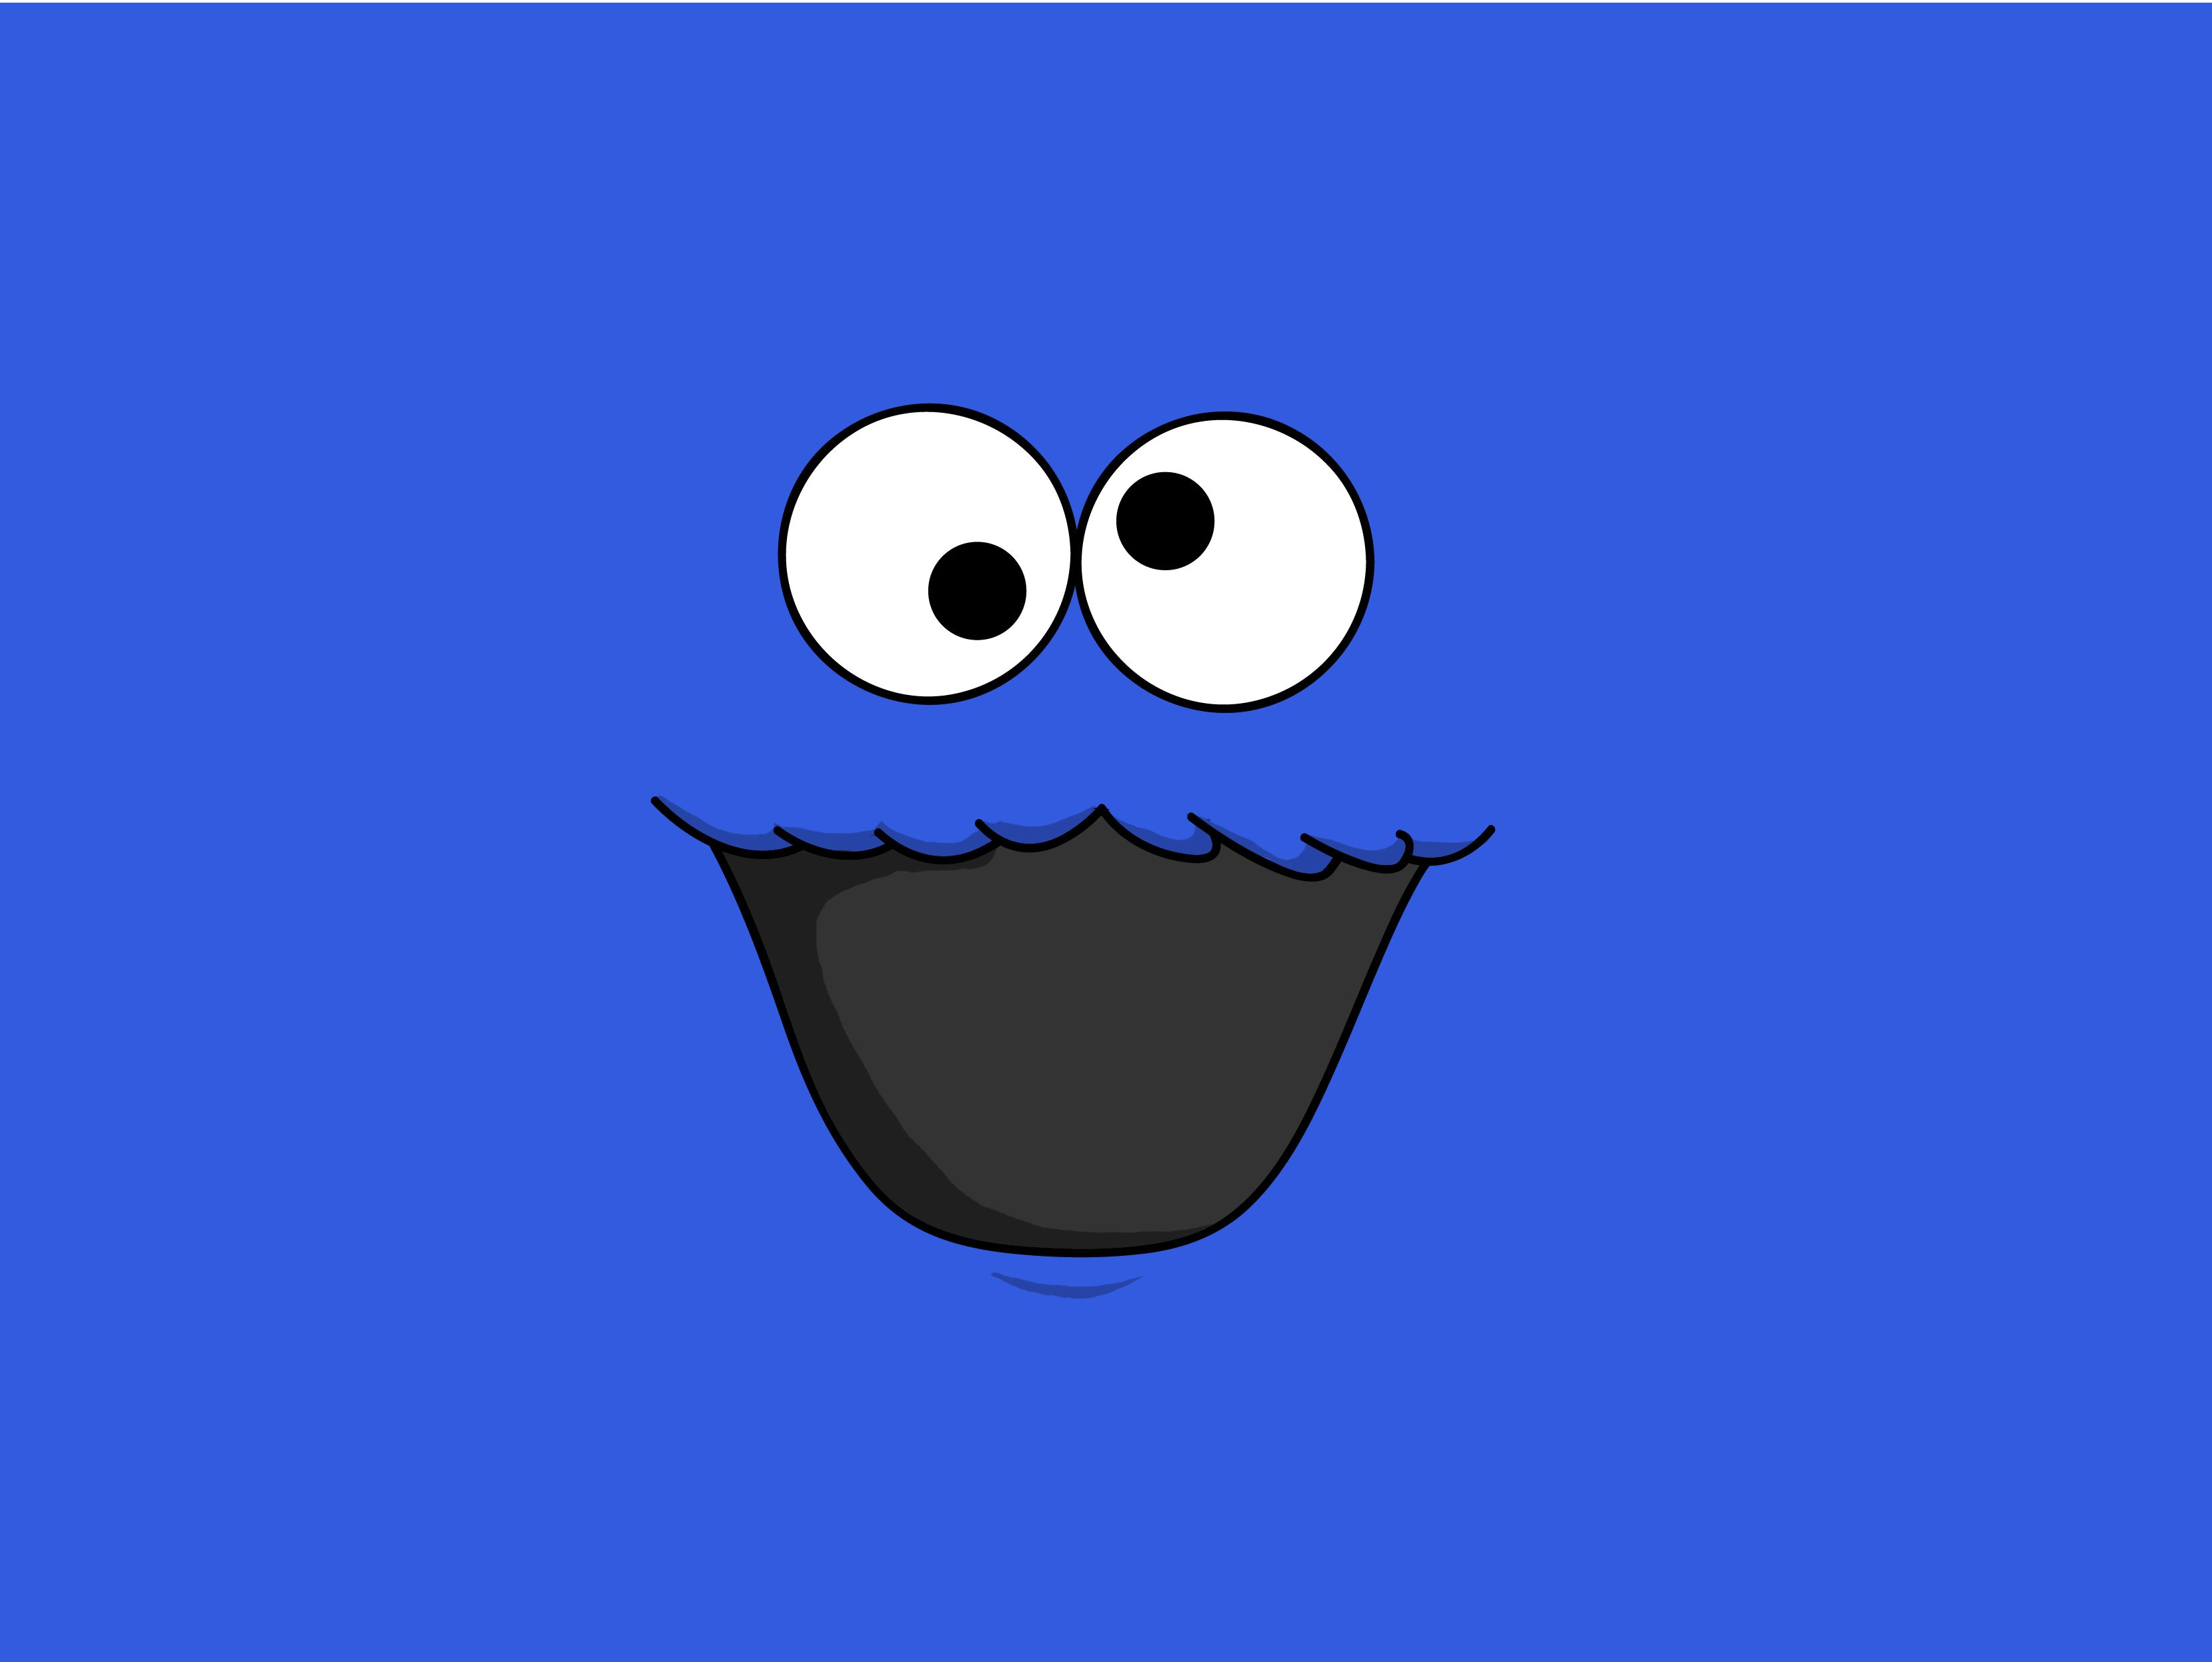 Cookie Monster Elmo Wallpaper Cartoon Wallpaper Hd Cartoon Wallpaper